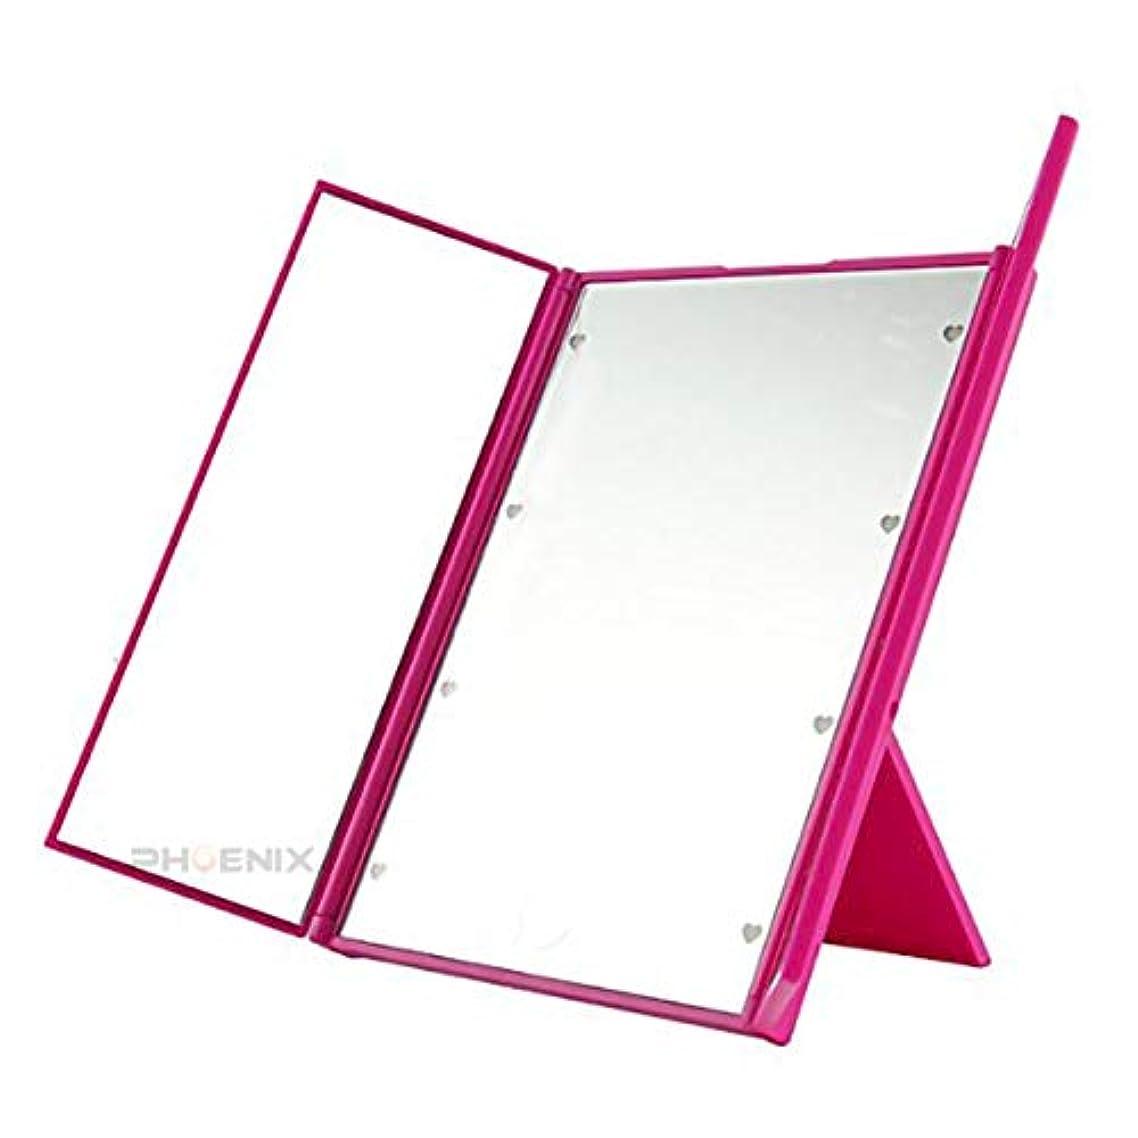 複雑振動させる誓約5893 hp ~ 鏡 卓上ミラー ライト付き led 折りたたみ かわいい 女優ミラー 三面鏡 持ち運び 角度調節 3カラー 三面鏡,ピンク